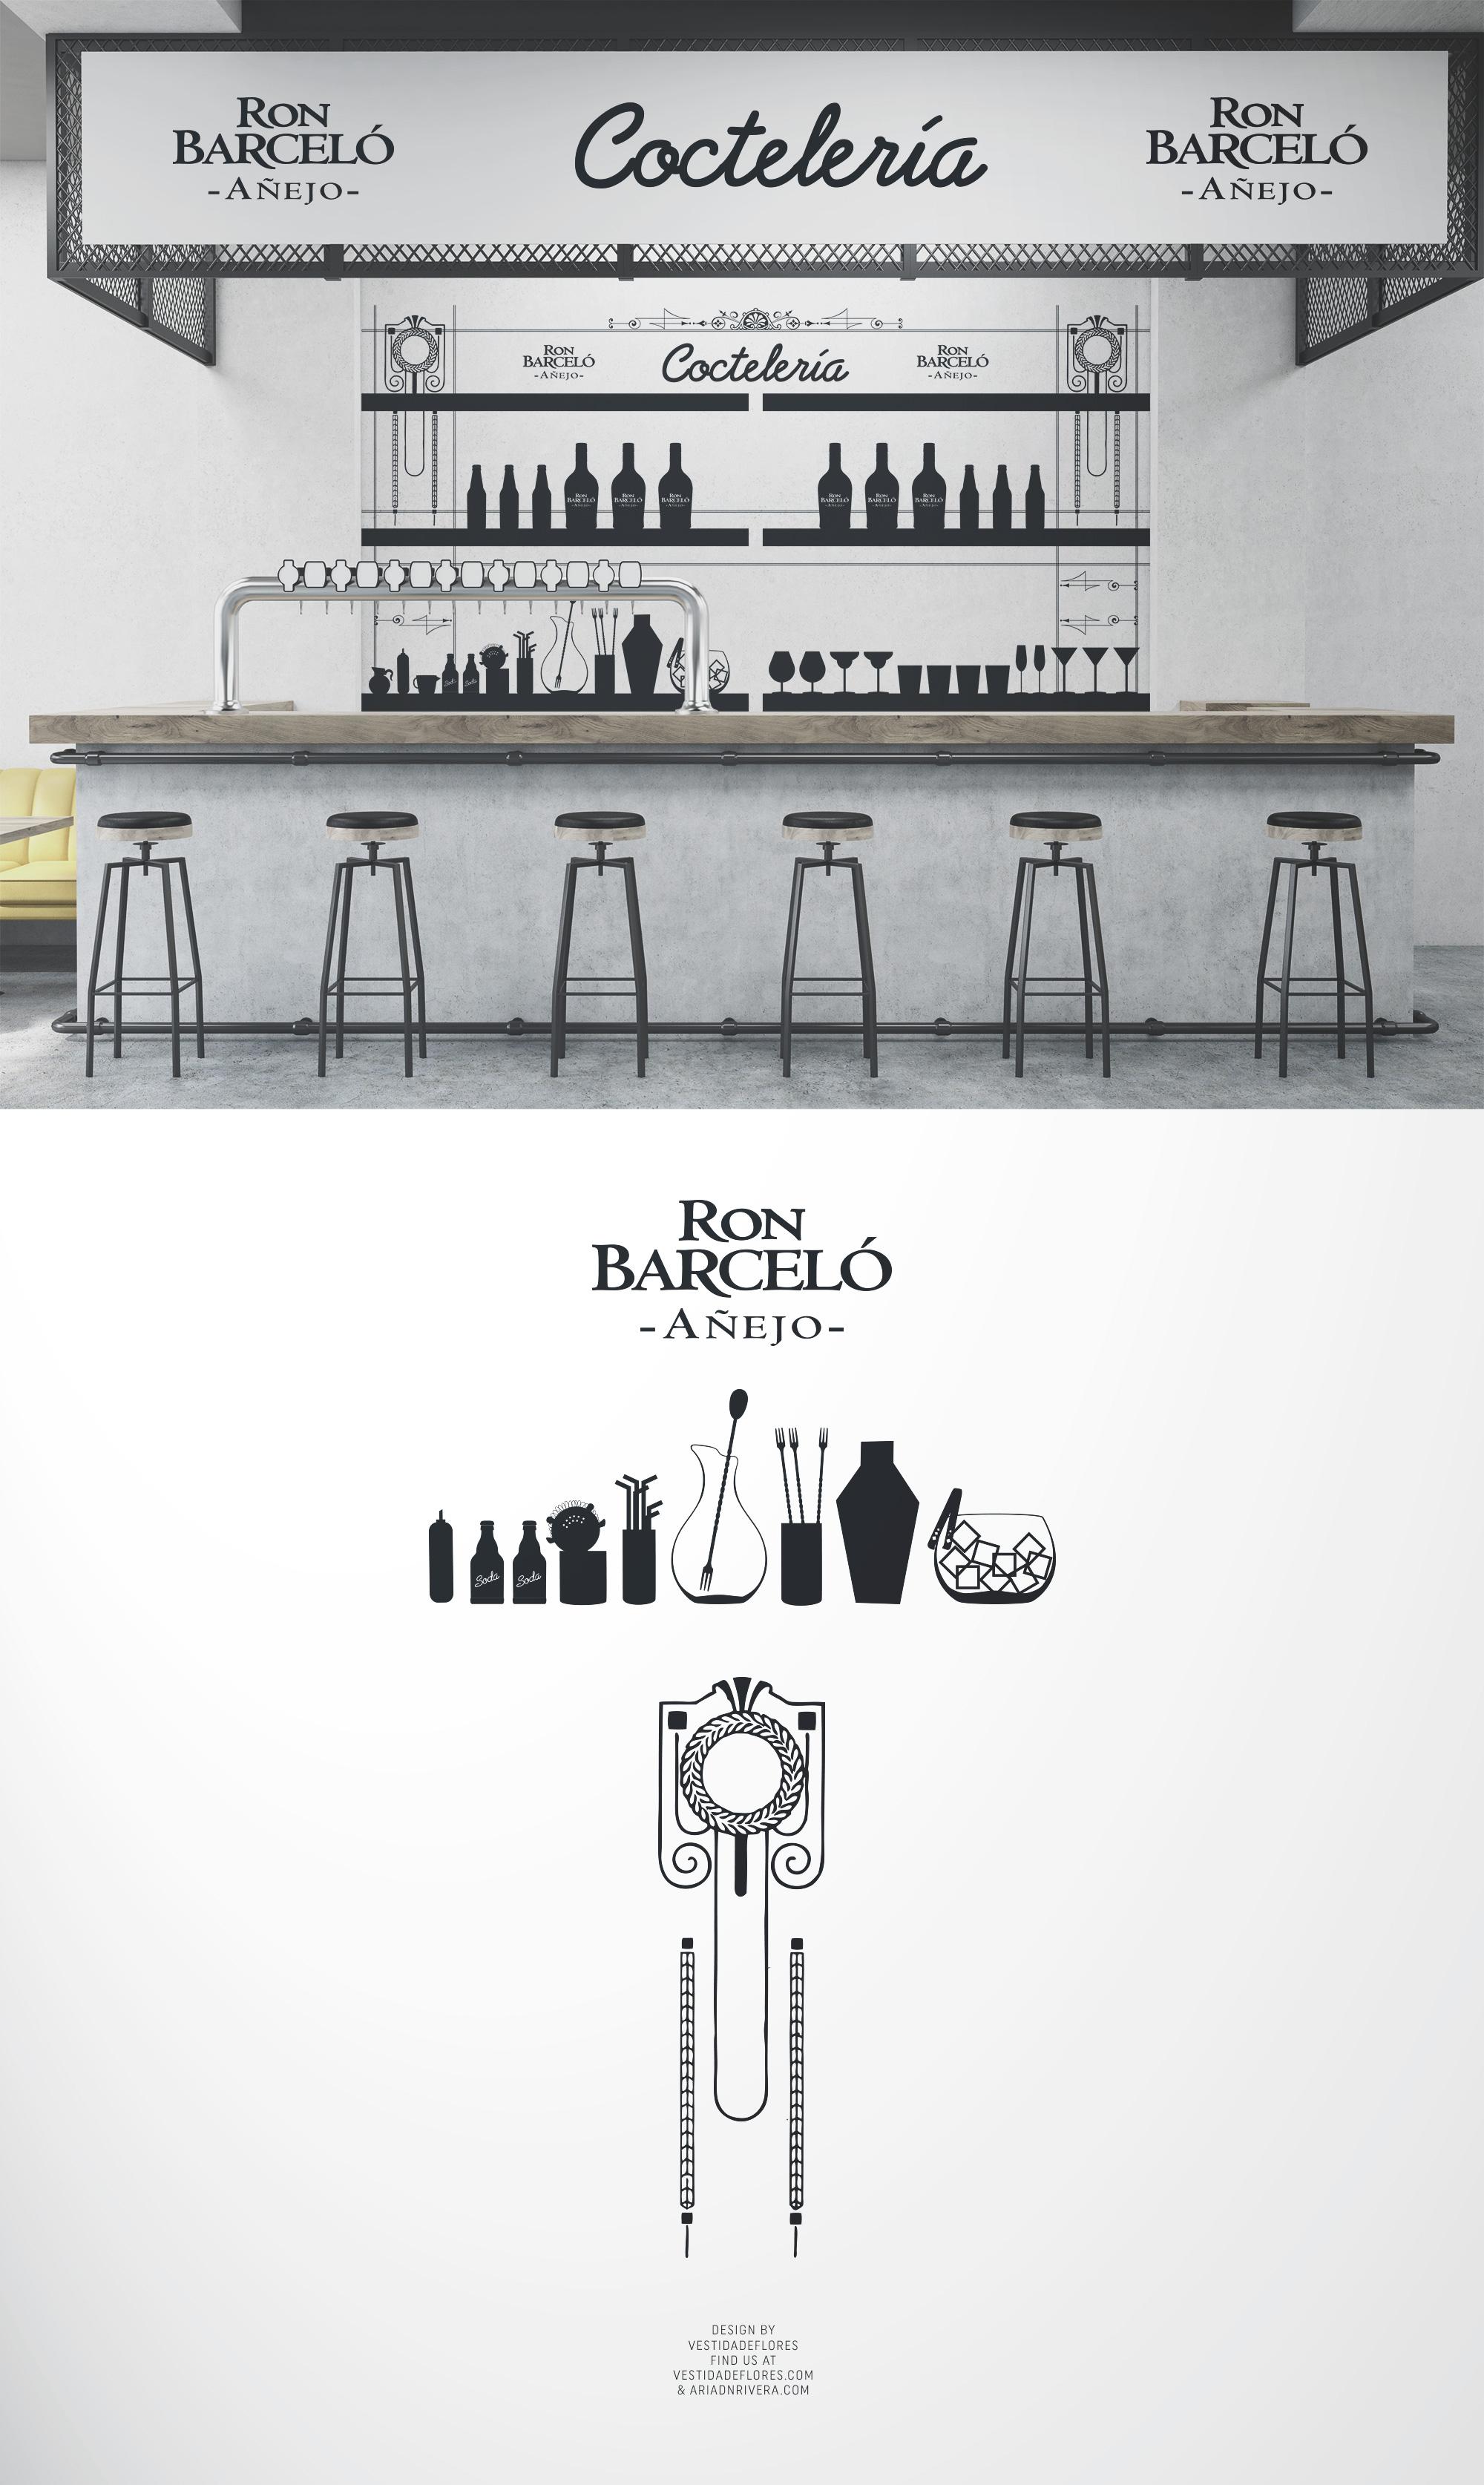 Vestida de flores - Diseño vinilo decorativo para evento Ron Barceló